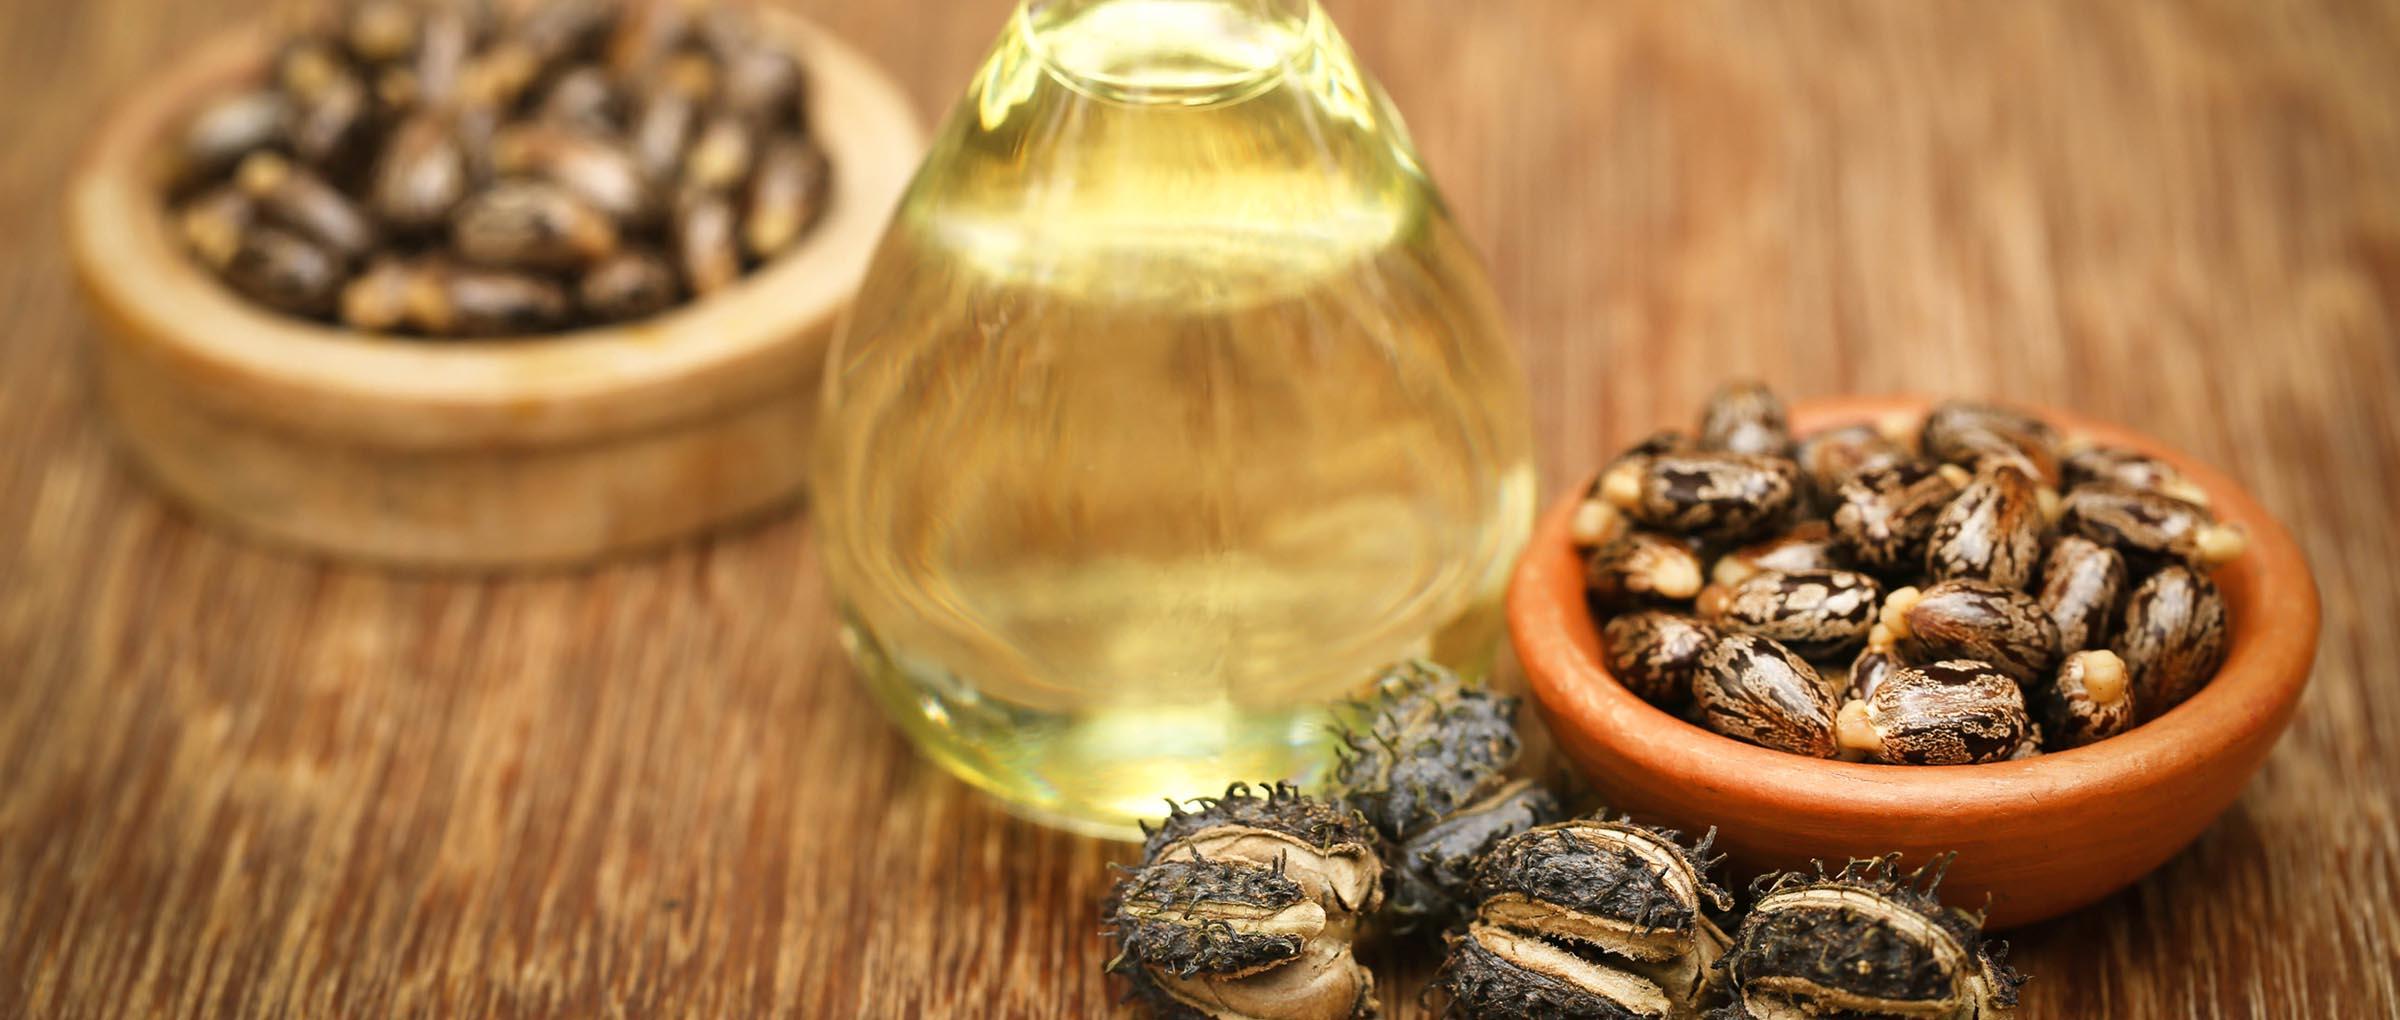 Diferencias entre los aceites esenciales y aceites botánicos